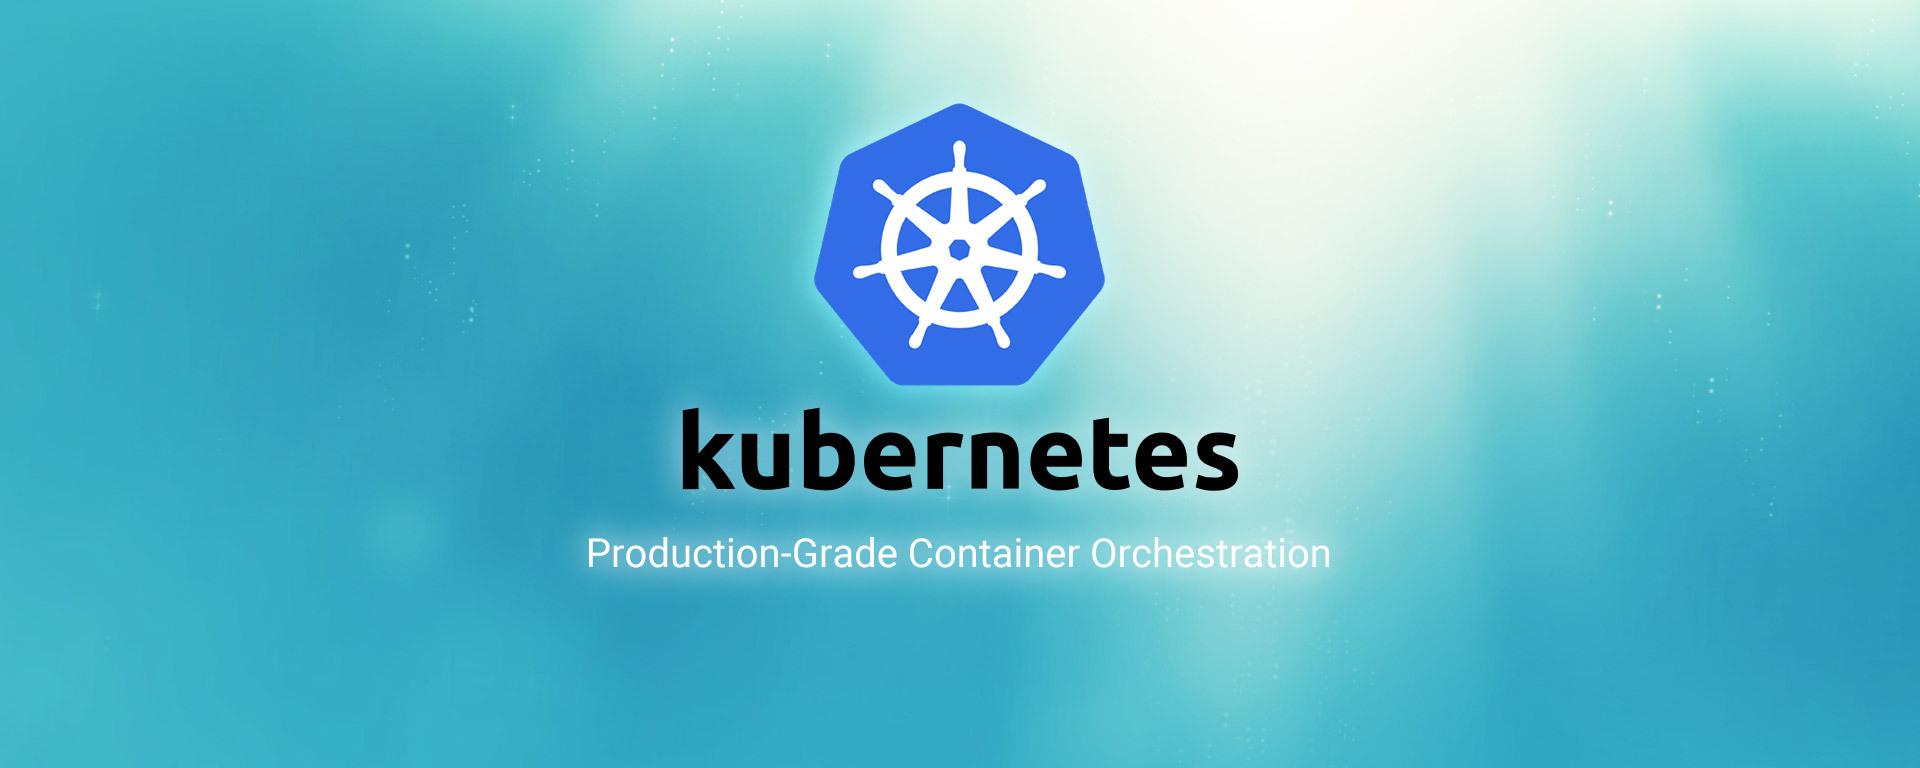 Kubernetesでコンテナに設定ファイルを追加したい場合にDockerイメージを作成せずに運用していくtips